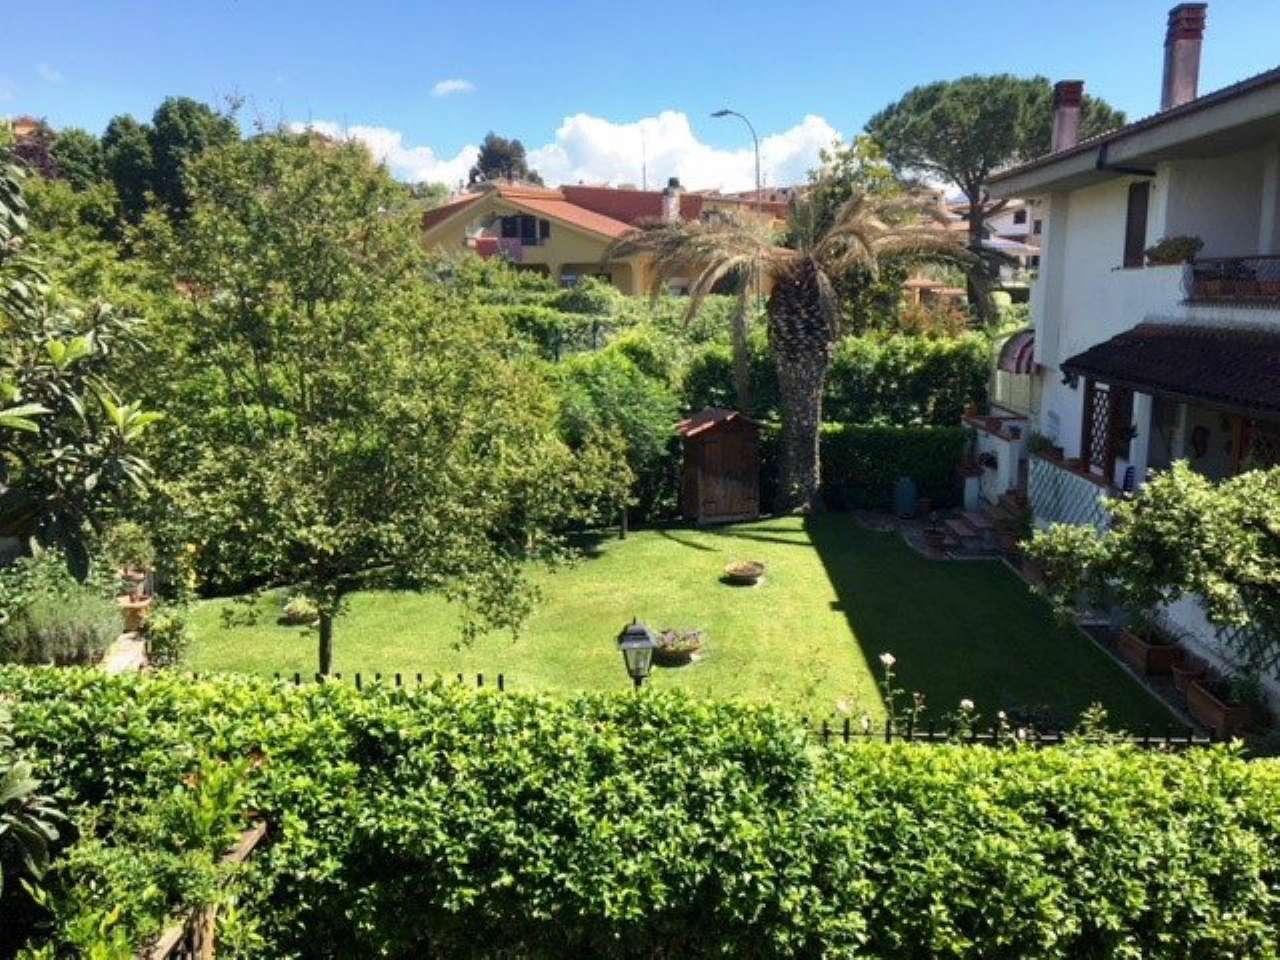 Villa Bifamiliare in Vendita a Guidonia Montecelio